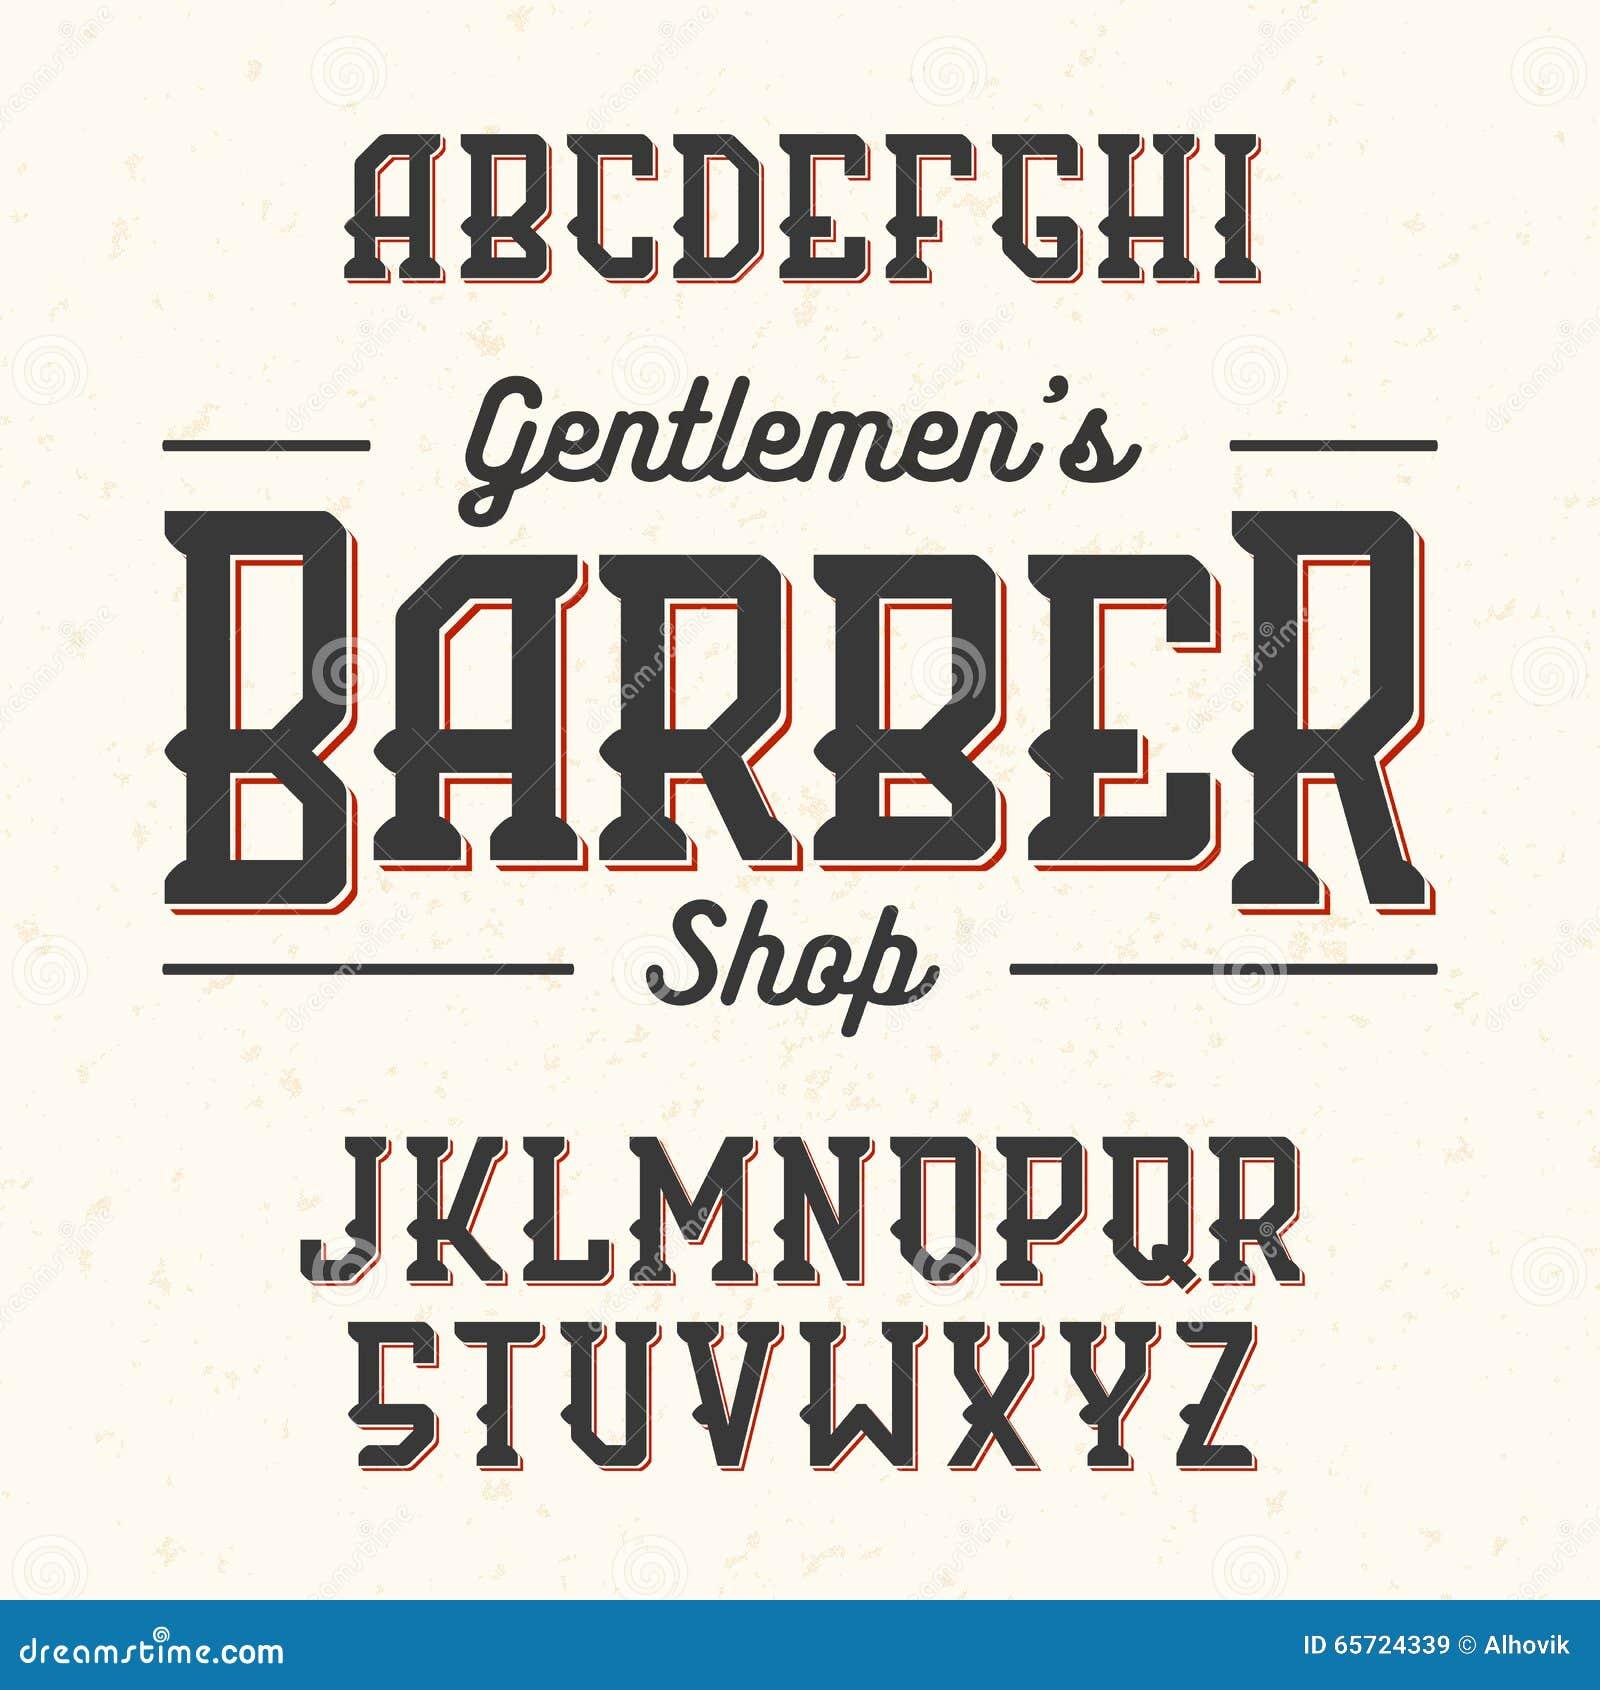 Barber Font : Gentlemans Barber Shop Vintage Style Font Stock Vector - Image ...